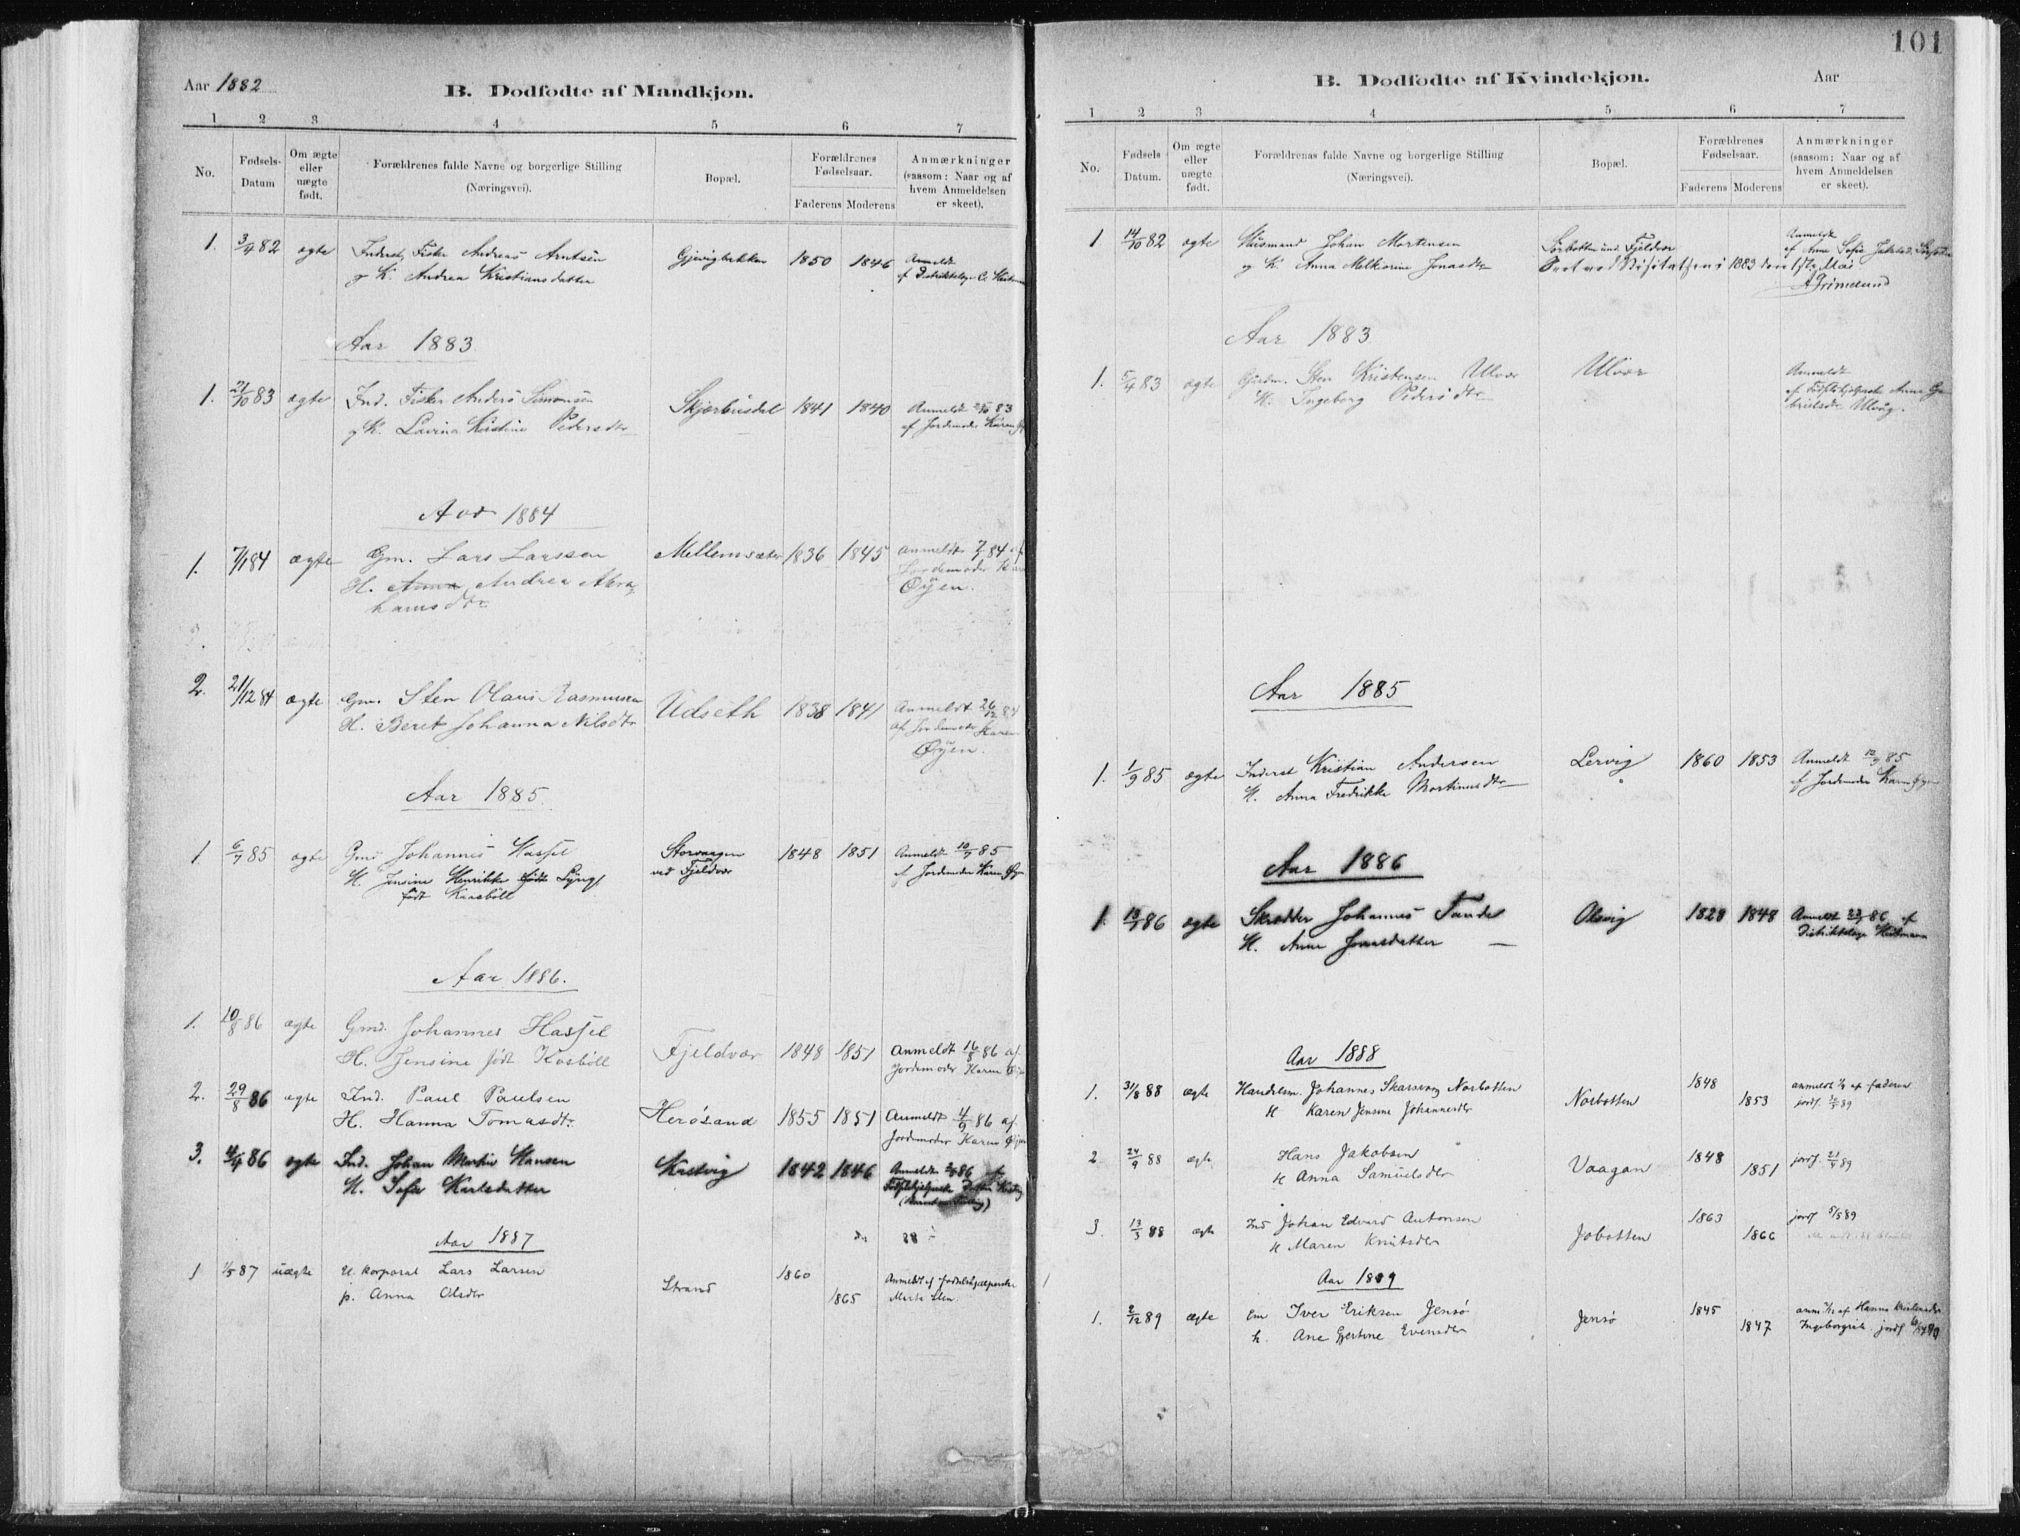 SAT, Ministerialprotokoller, klokkerbøker og fødselsregistre - Sør-Trøndelag, 637/L0558: Ministerialbok nr. 637A01, 1882-1899, s. 101